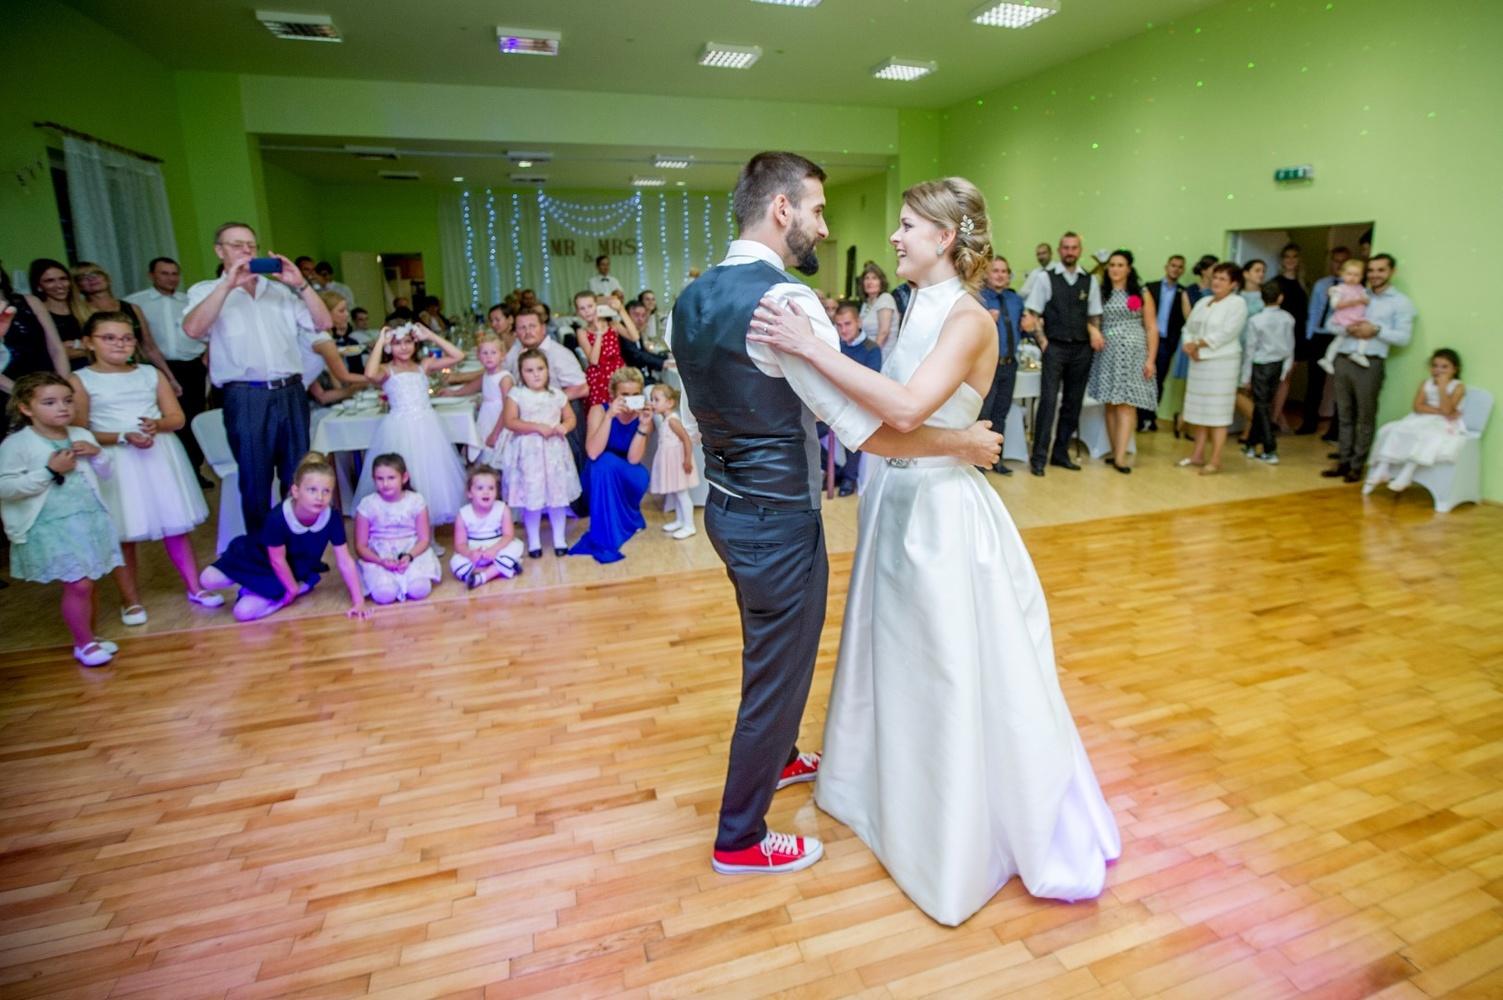 http://www.fotoz.sk/images/gallery-8/normal/eskuvoi-fotos_svadobny-fotograf_519.jpg